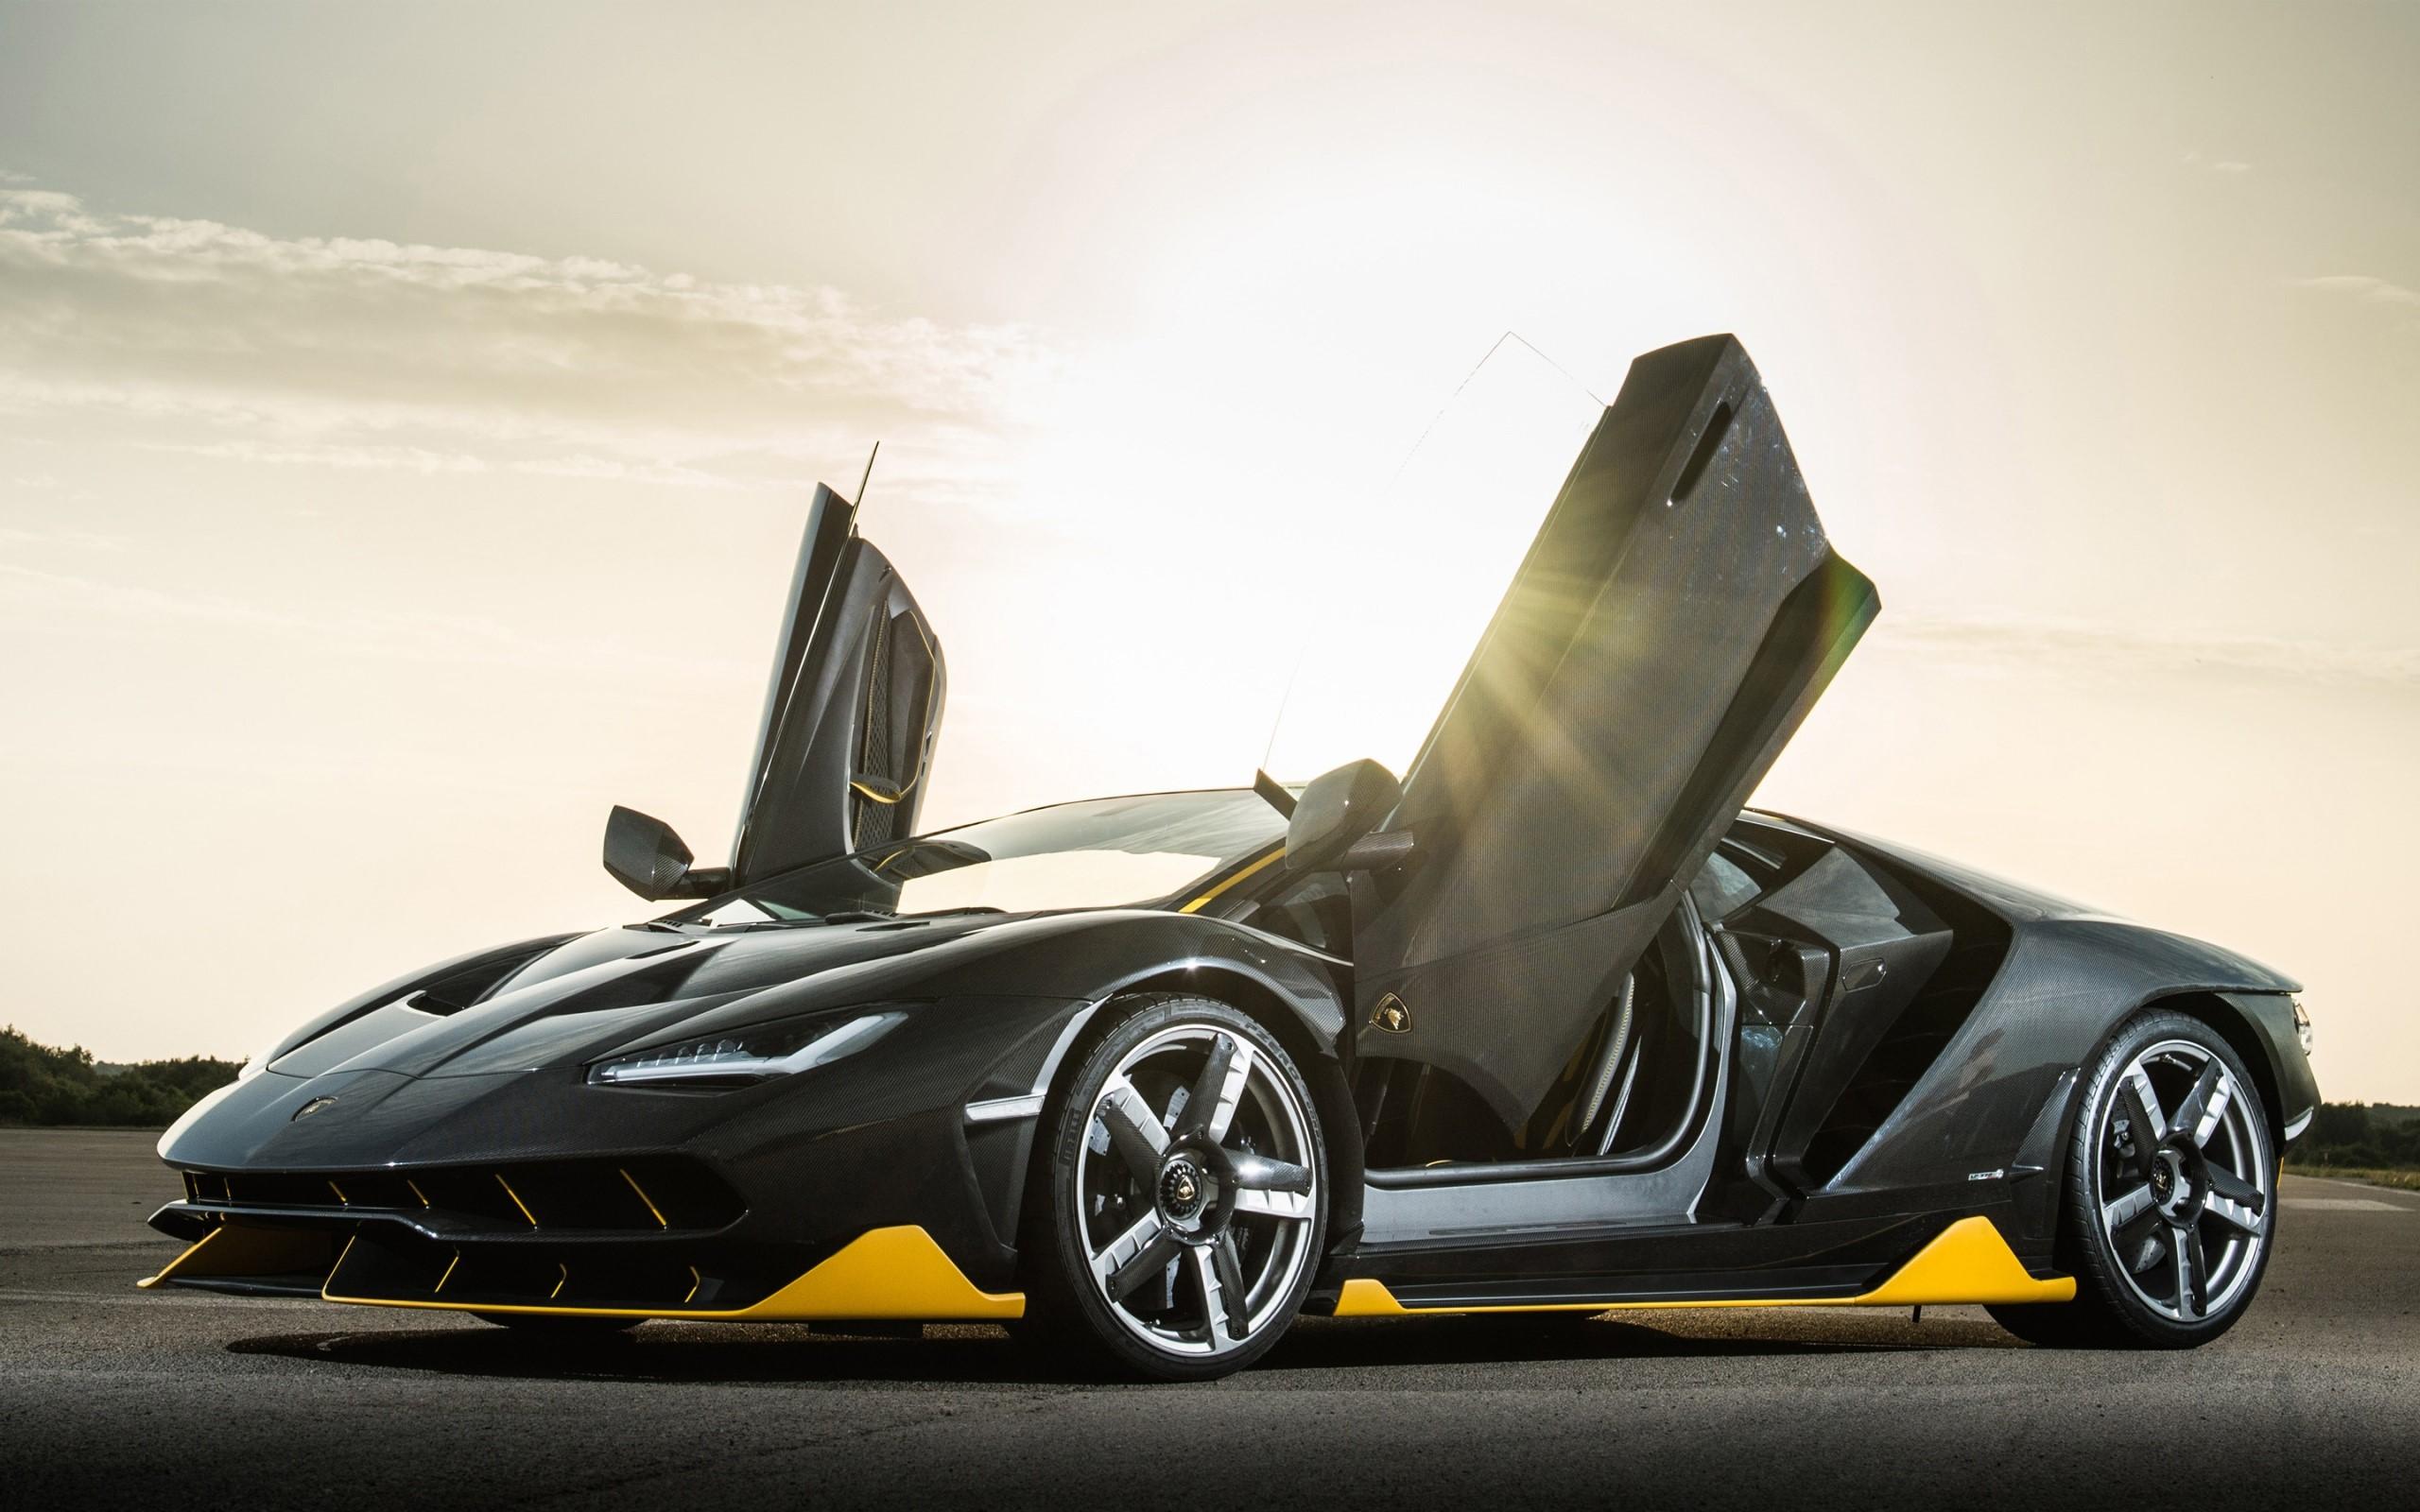 Fondo de pantalla de Lamborghini Centenario Hypercar Imágenes